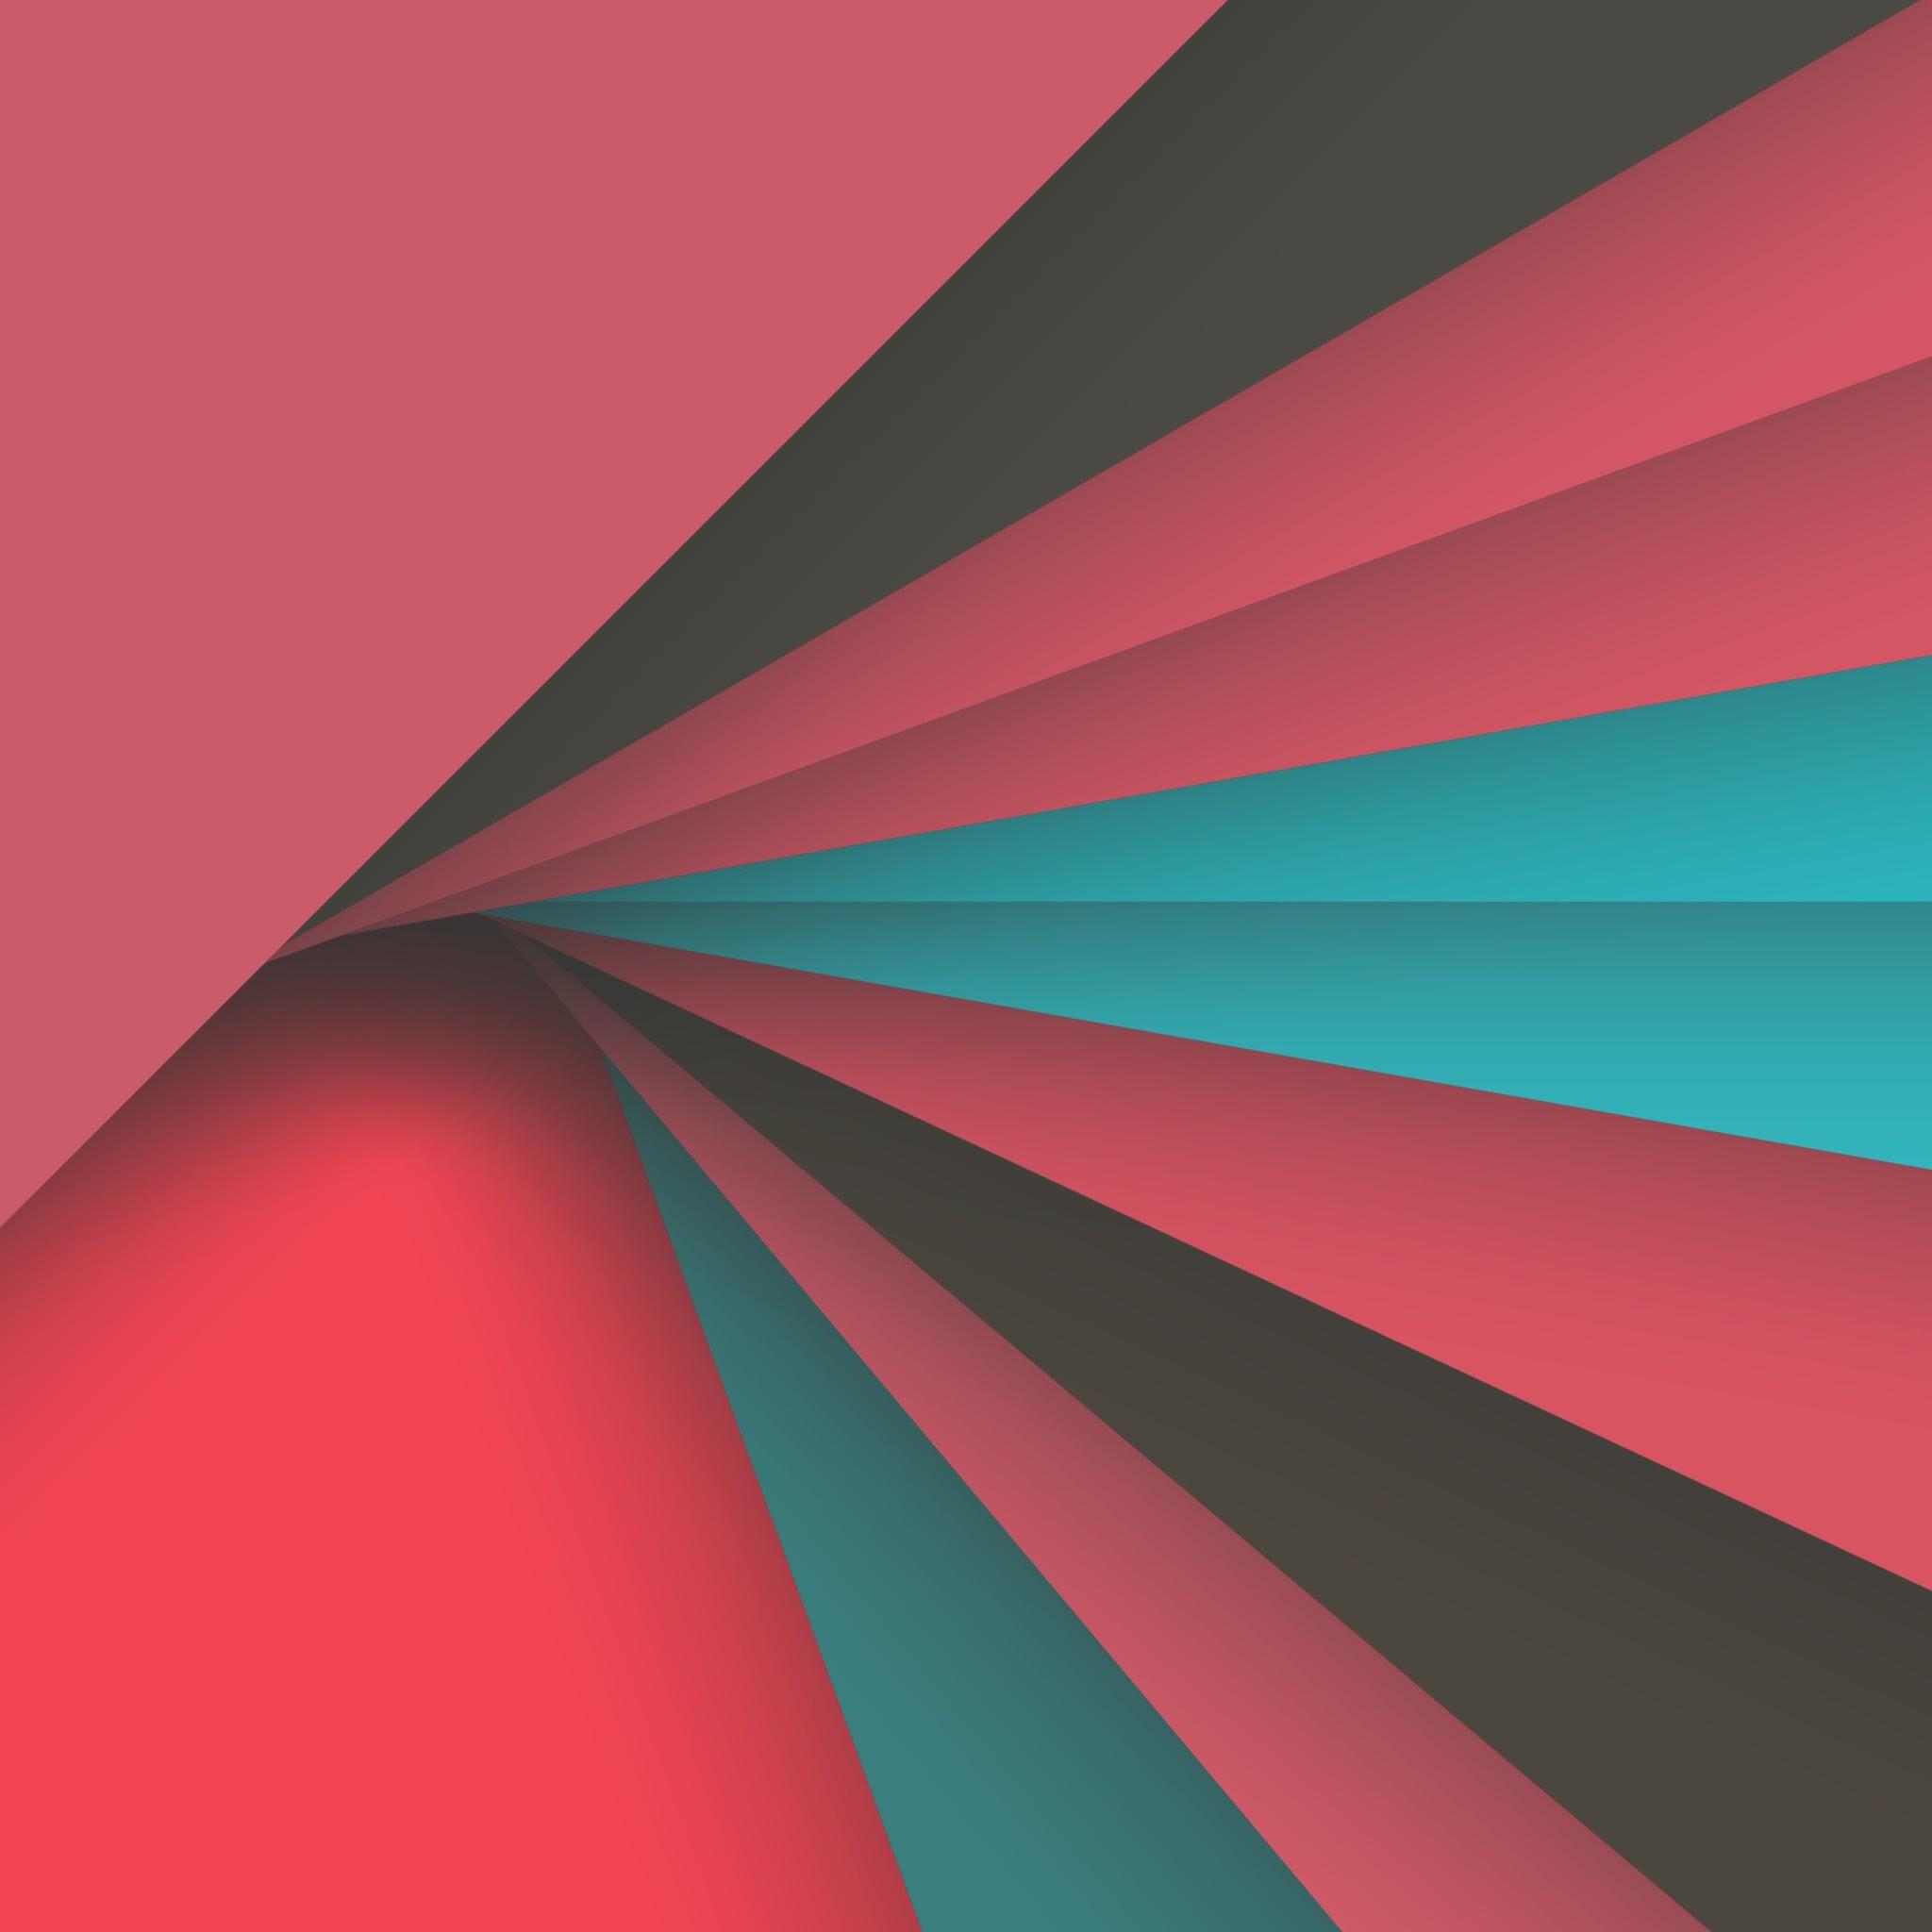 20 google material design hd wallpapers vigorous art